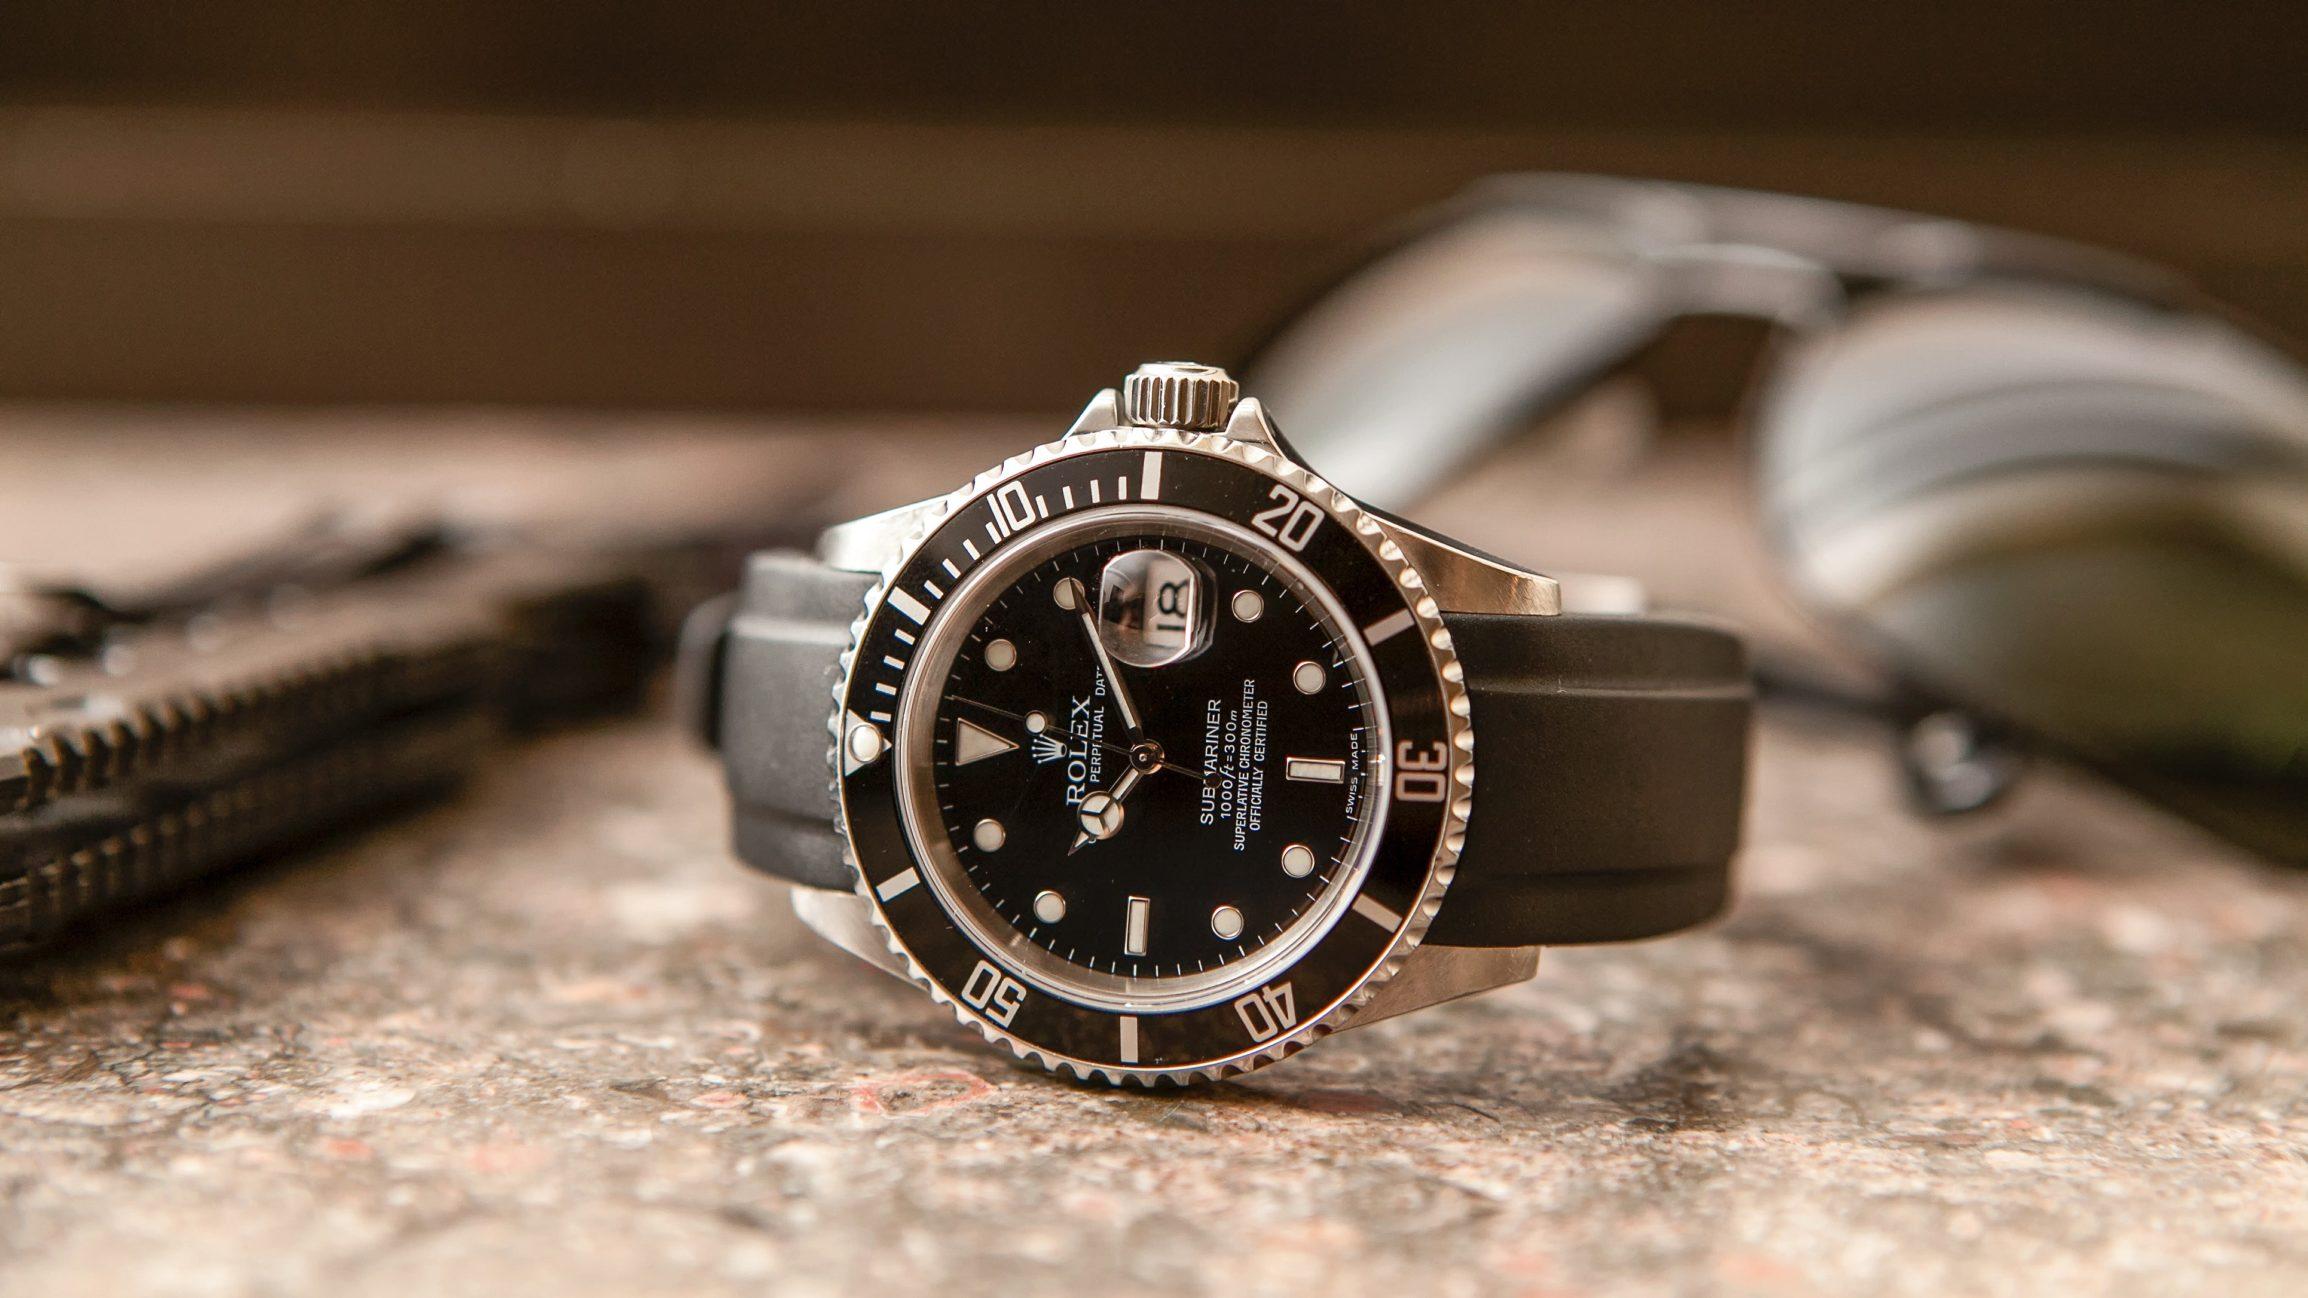 Cartier часы как отличить подделку часов